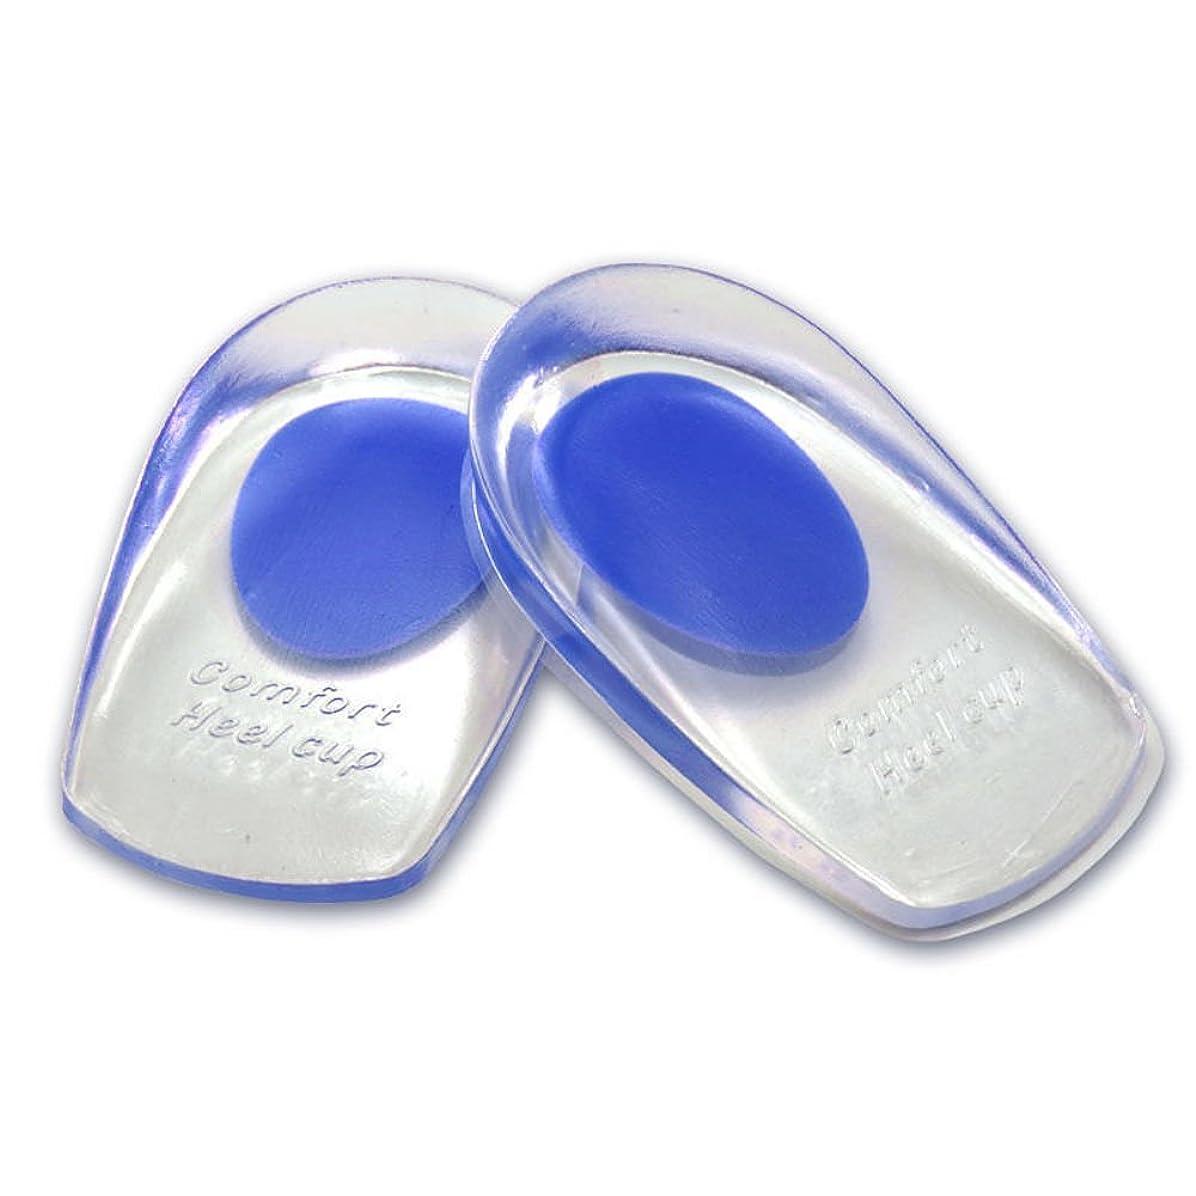 シリコンヒールカップ かかとの痛み防止に ソフトシリコン製 インソールクッション 衝撃緩和 立体形状 フィット感抜群 FMTMXCA2S (ブルー(靴サイズ24.5~27.5cm用))